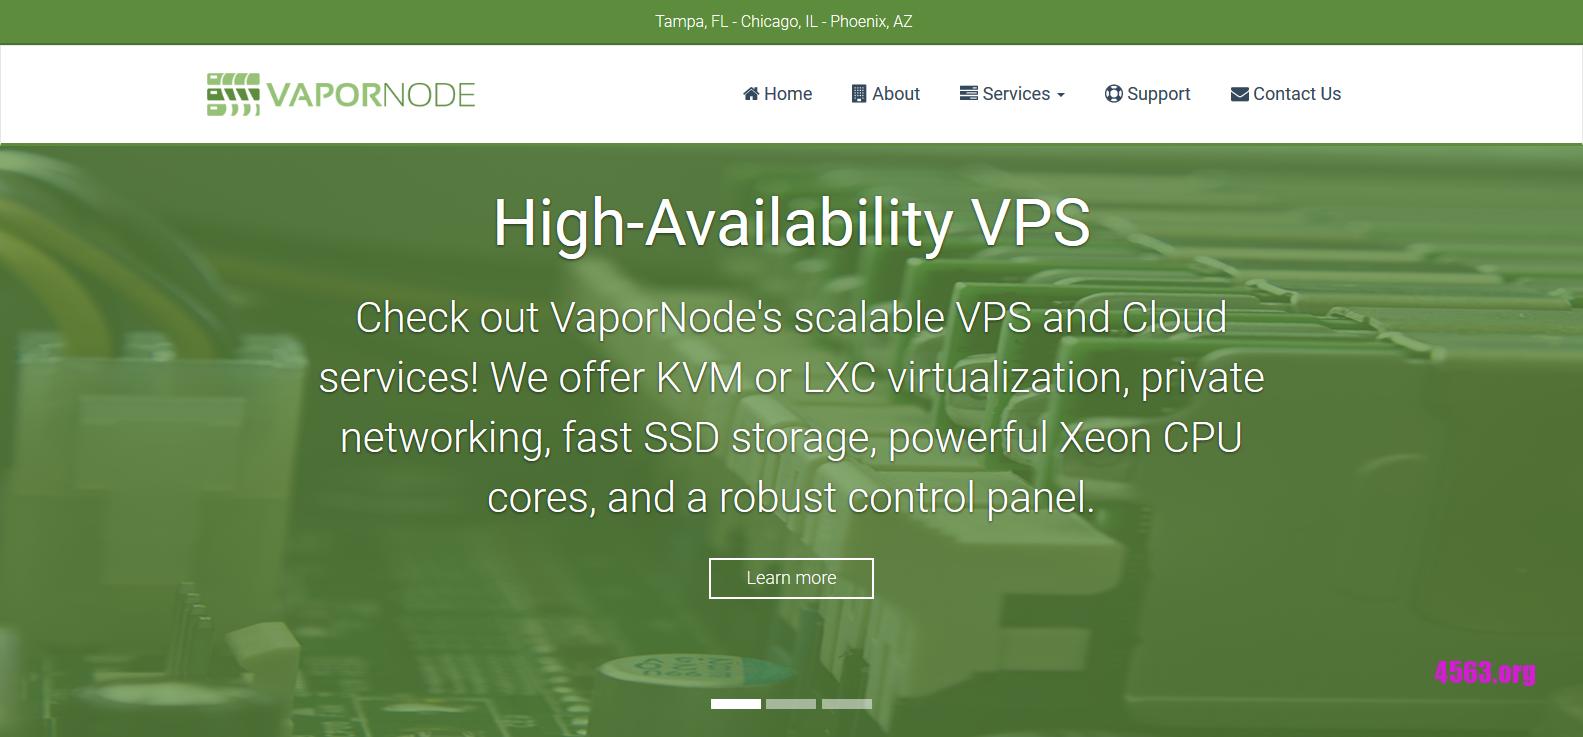 VaporNode:$5/月/2GB内存/20GB SSD空间/1TB流量/KVM/坦帕